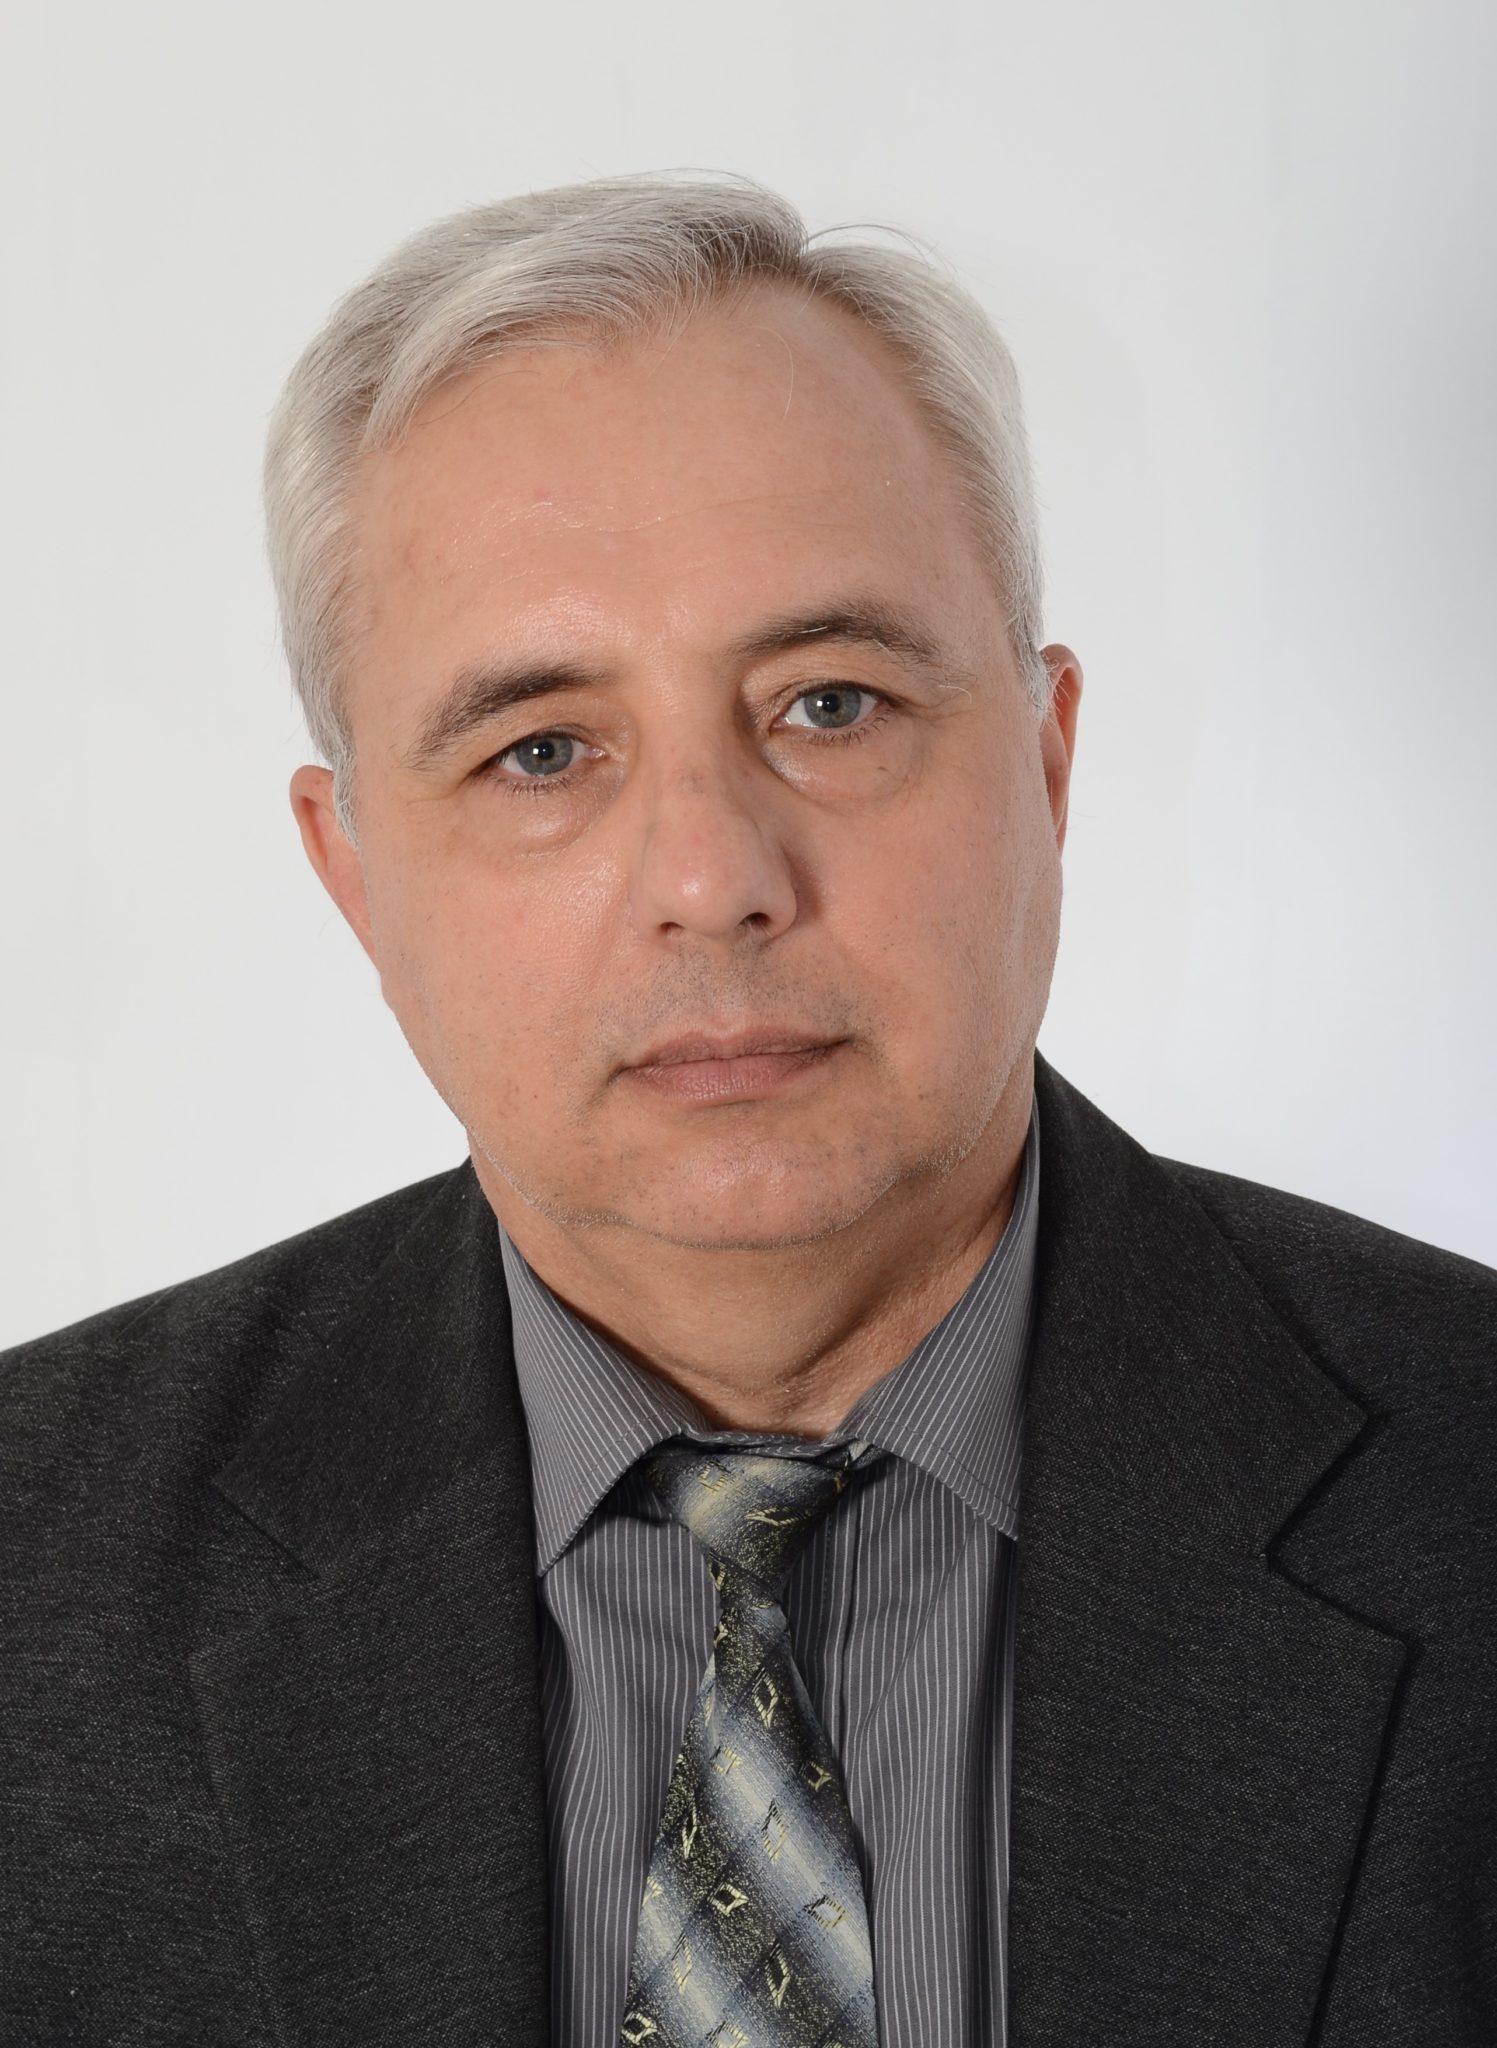 Олександр Вікторович Мамонтов